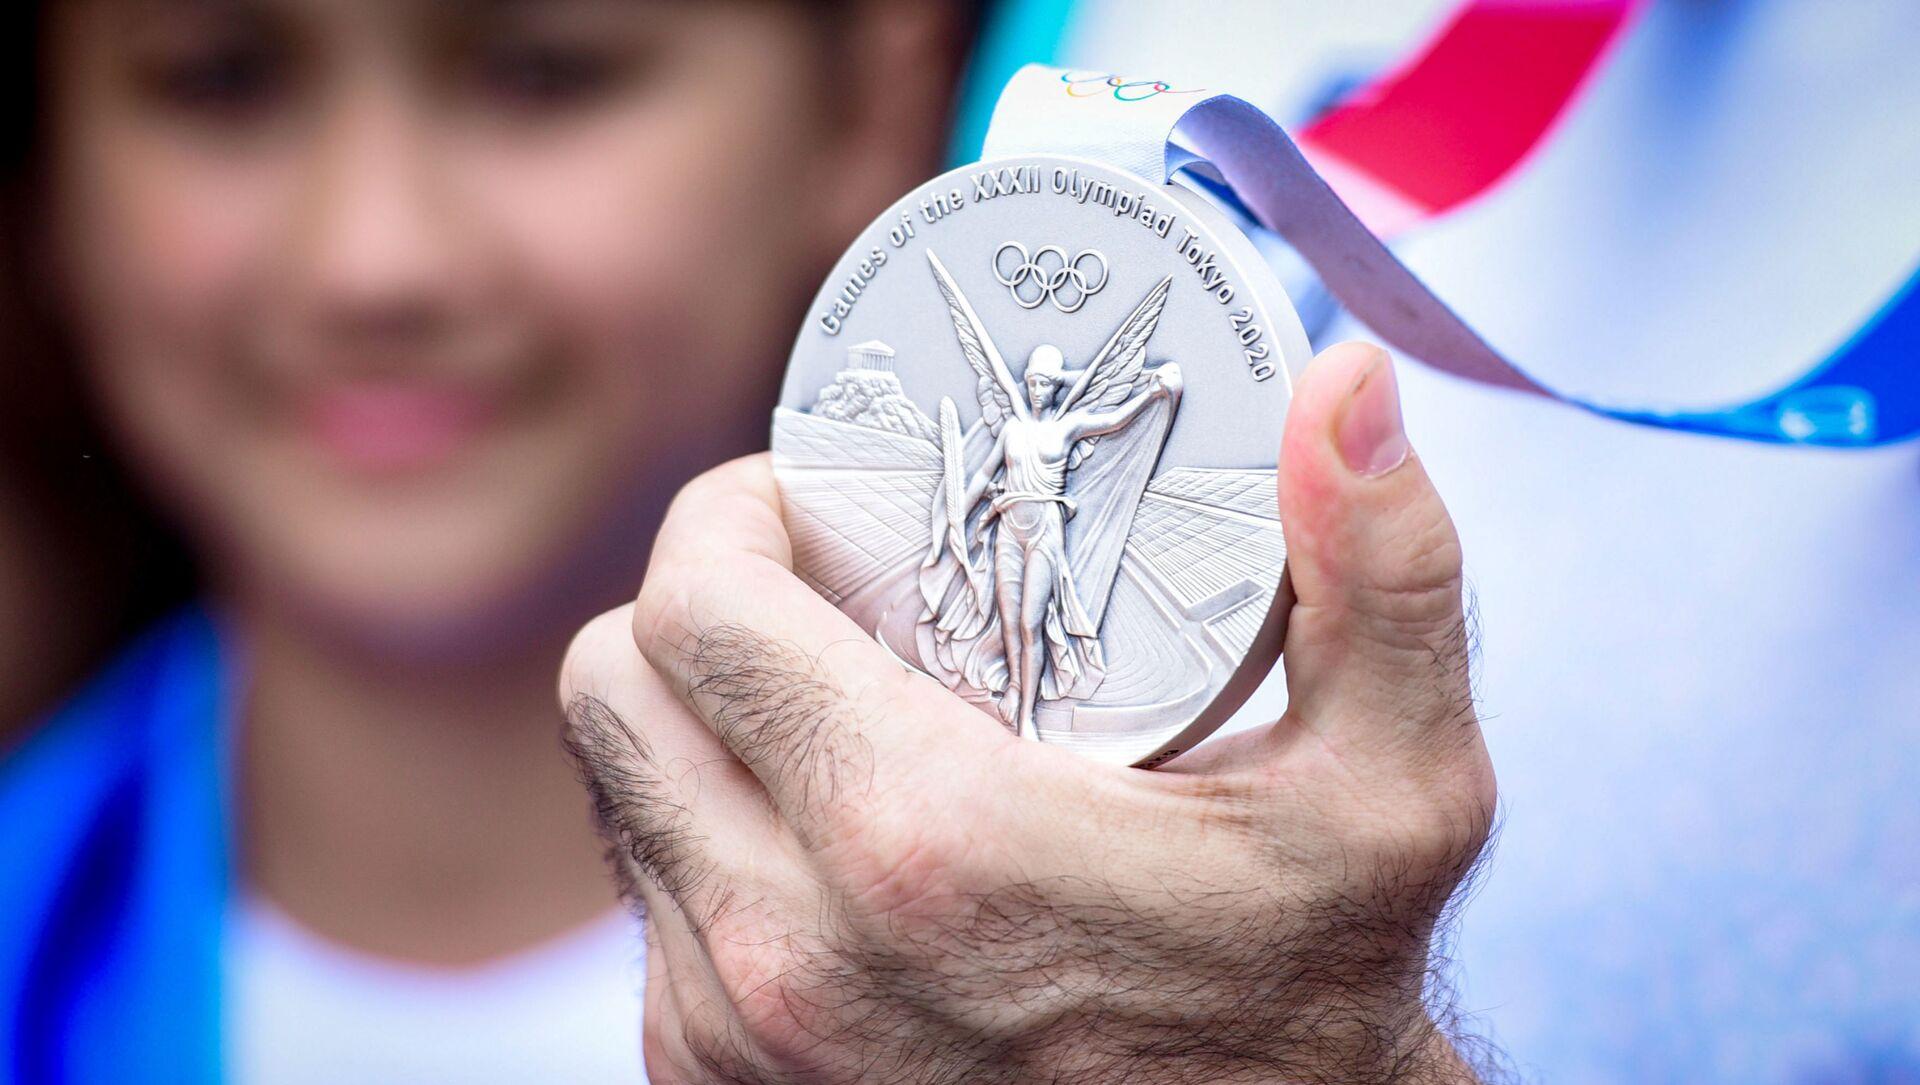 Встреча серебряного призера Олимпийских игр Токио-2020 Рафаэля Агаева в аэропорту Гейдара Алиева - Sputnik Азербайджан, 1920, 12.08.2021